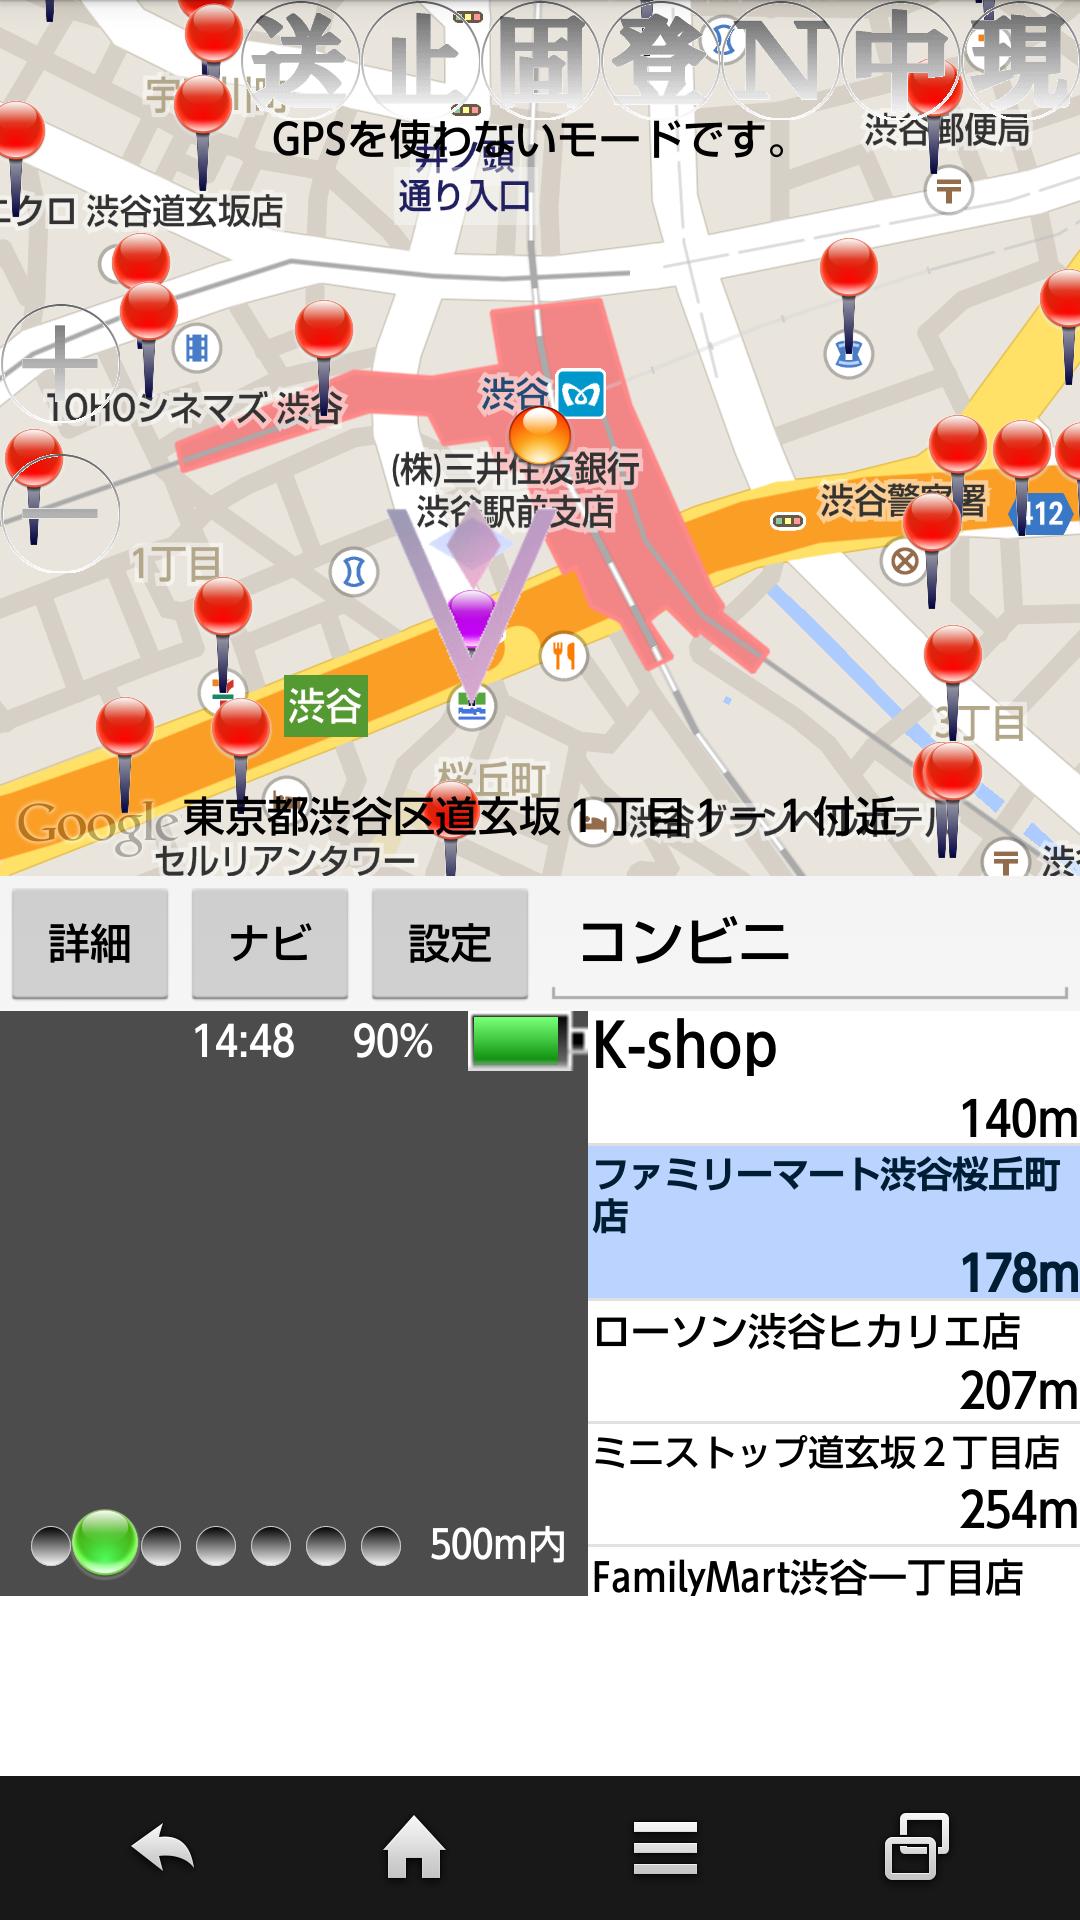 Androidツール・ナビゲーションアプリ「周辺便利ナビ」画面3